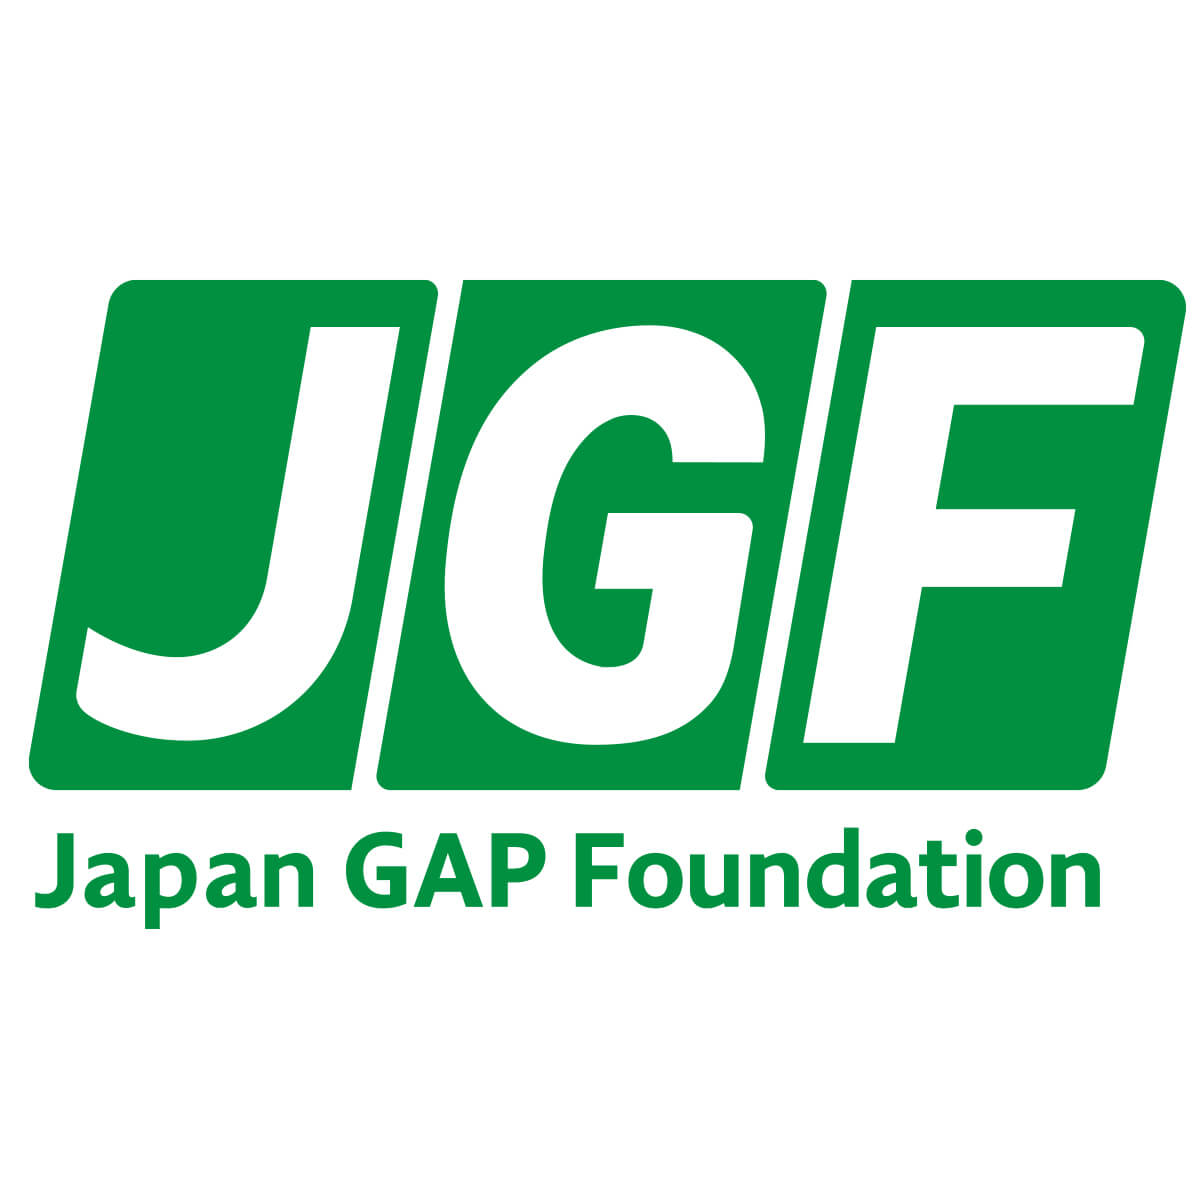 gap jp